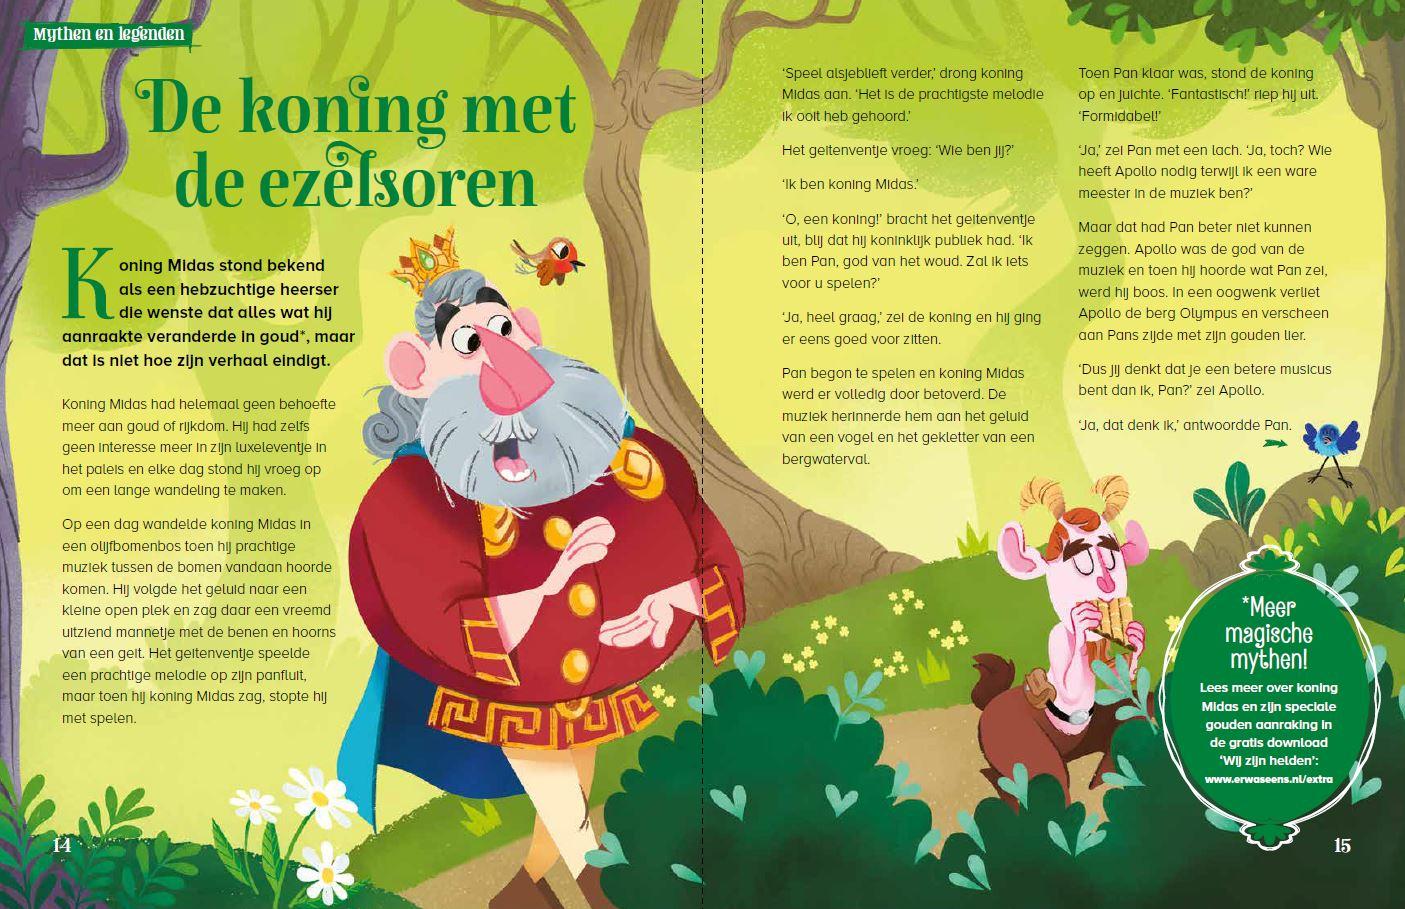 ERWASEENS_05_Koning-met-ezelsoren_p14-15